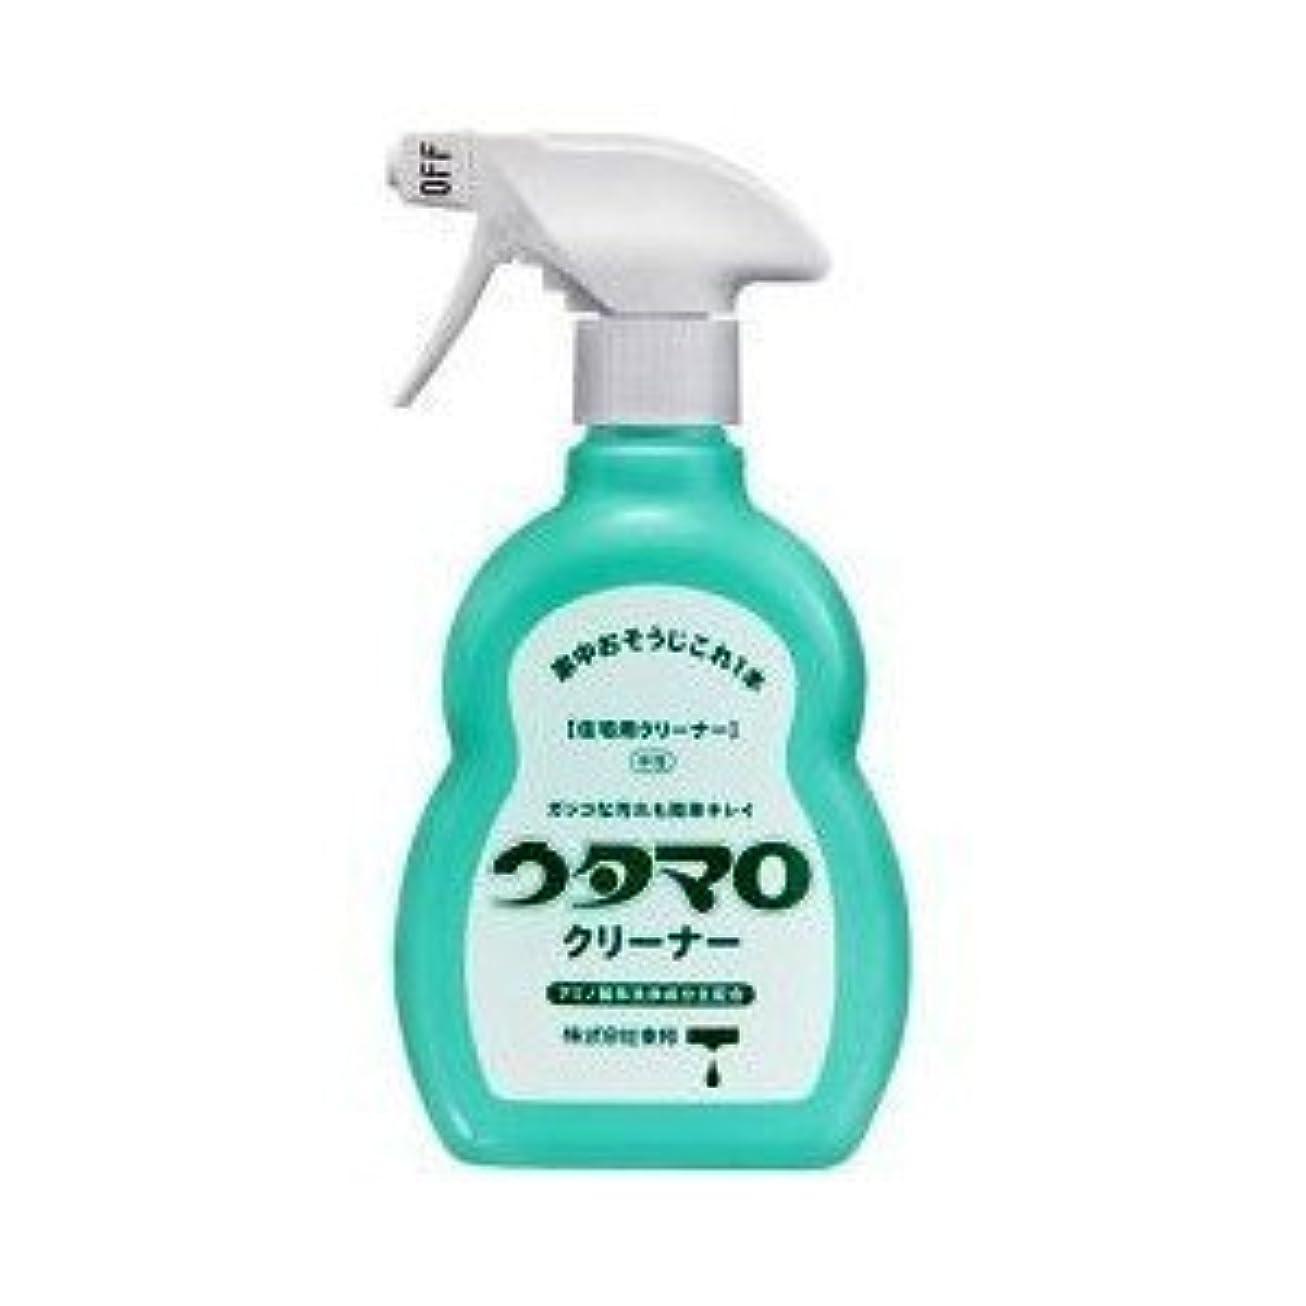 カニバレーボール脆いウタマロ クリーナー 400ml 洗剤 住居用 アミノ酸系洗浄成分主配合 さわやかなグリーンハーブの香り